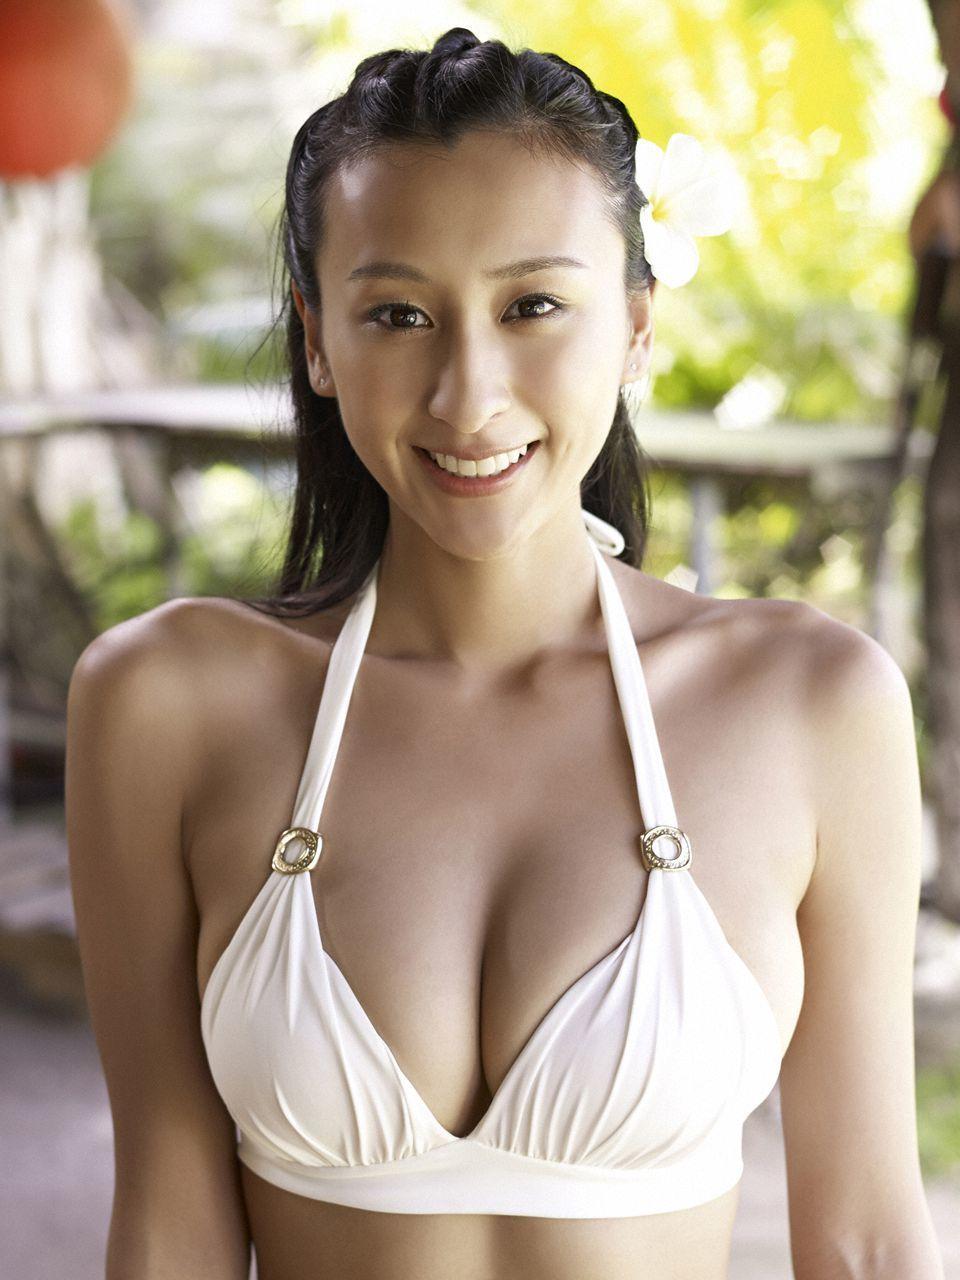 浅田舞の21現在が顔変わった 肩幅広い 激太り写真は 摂食障害も Thepickup